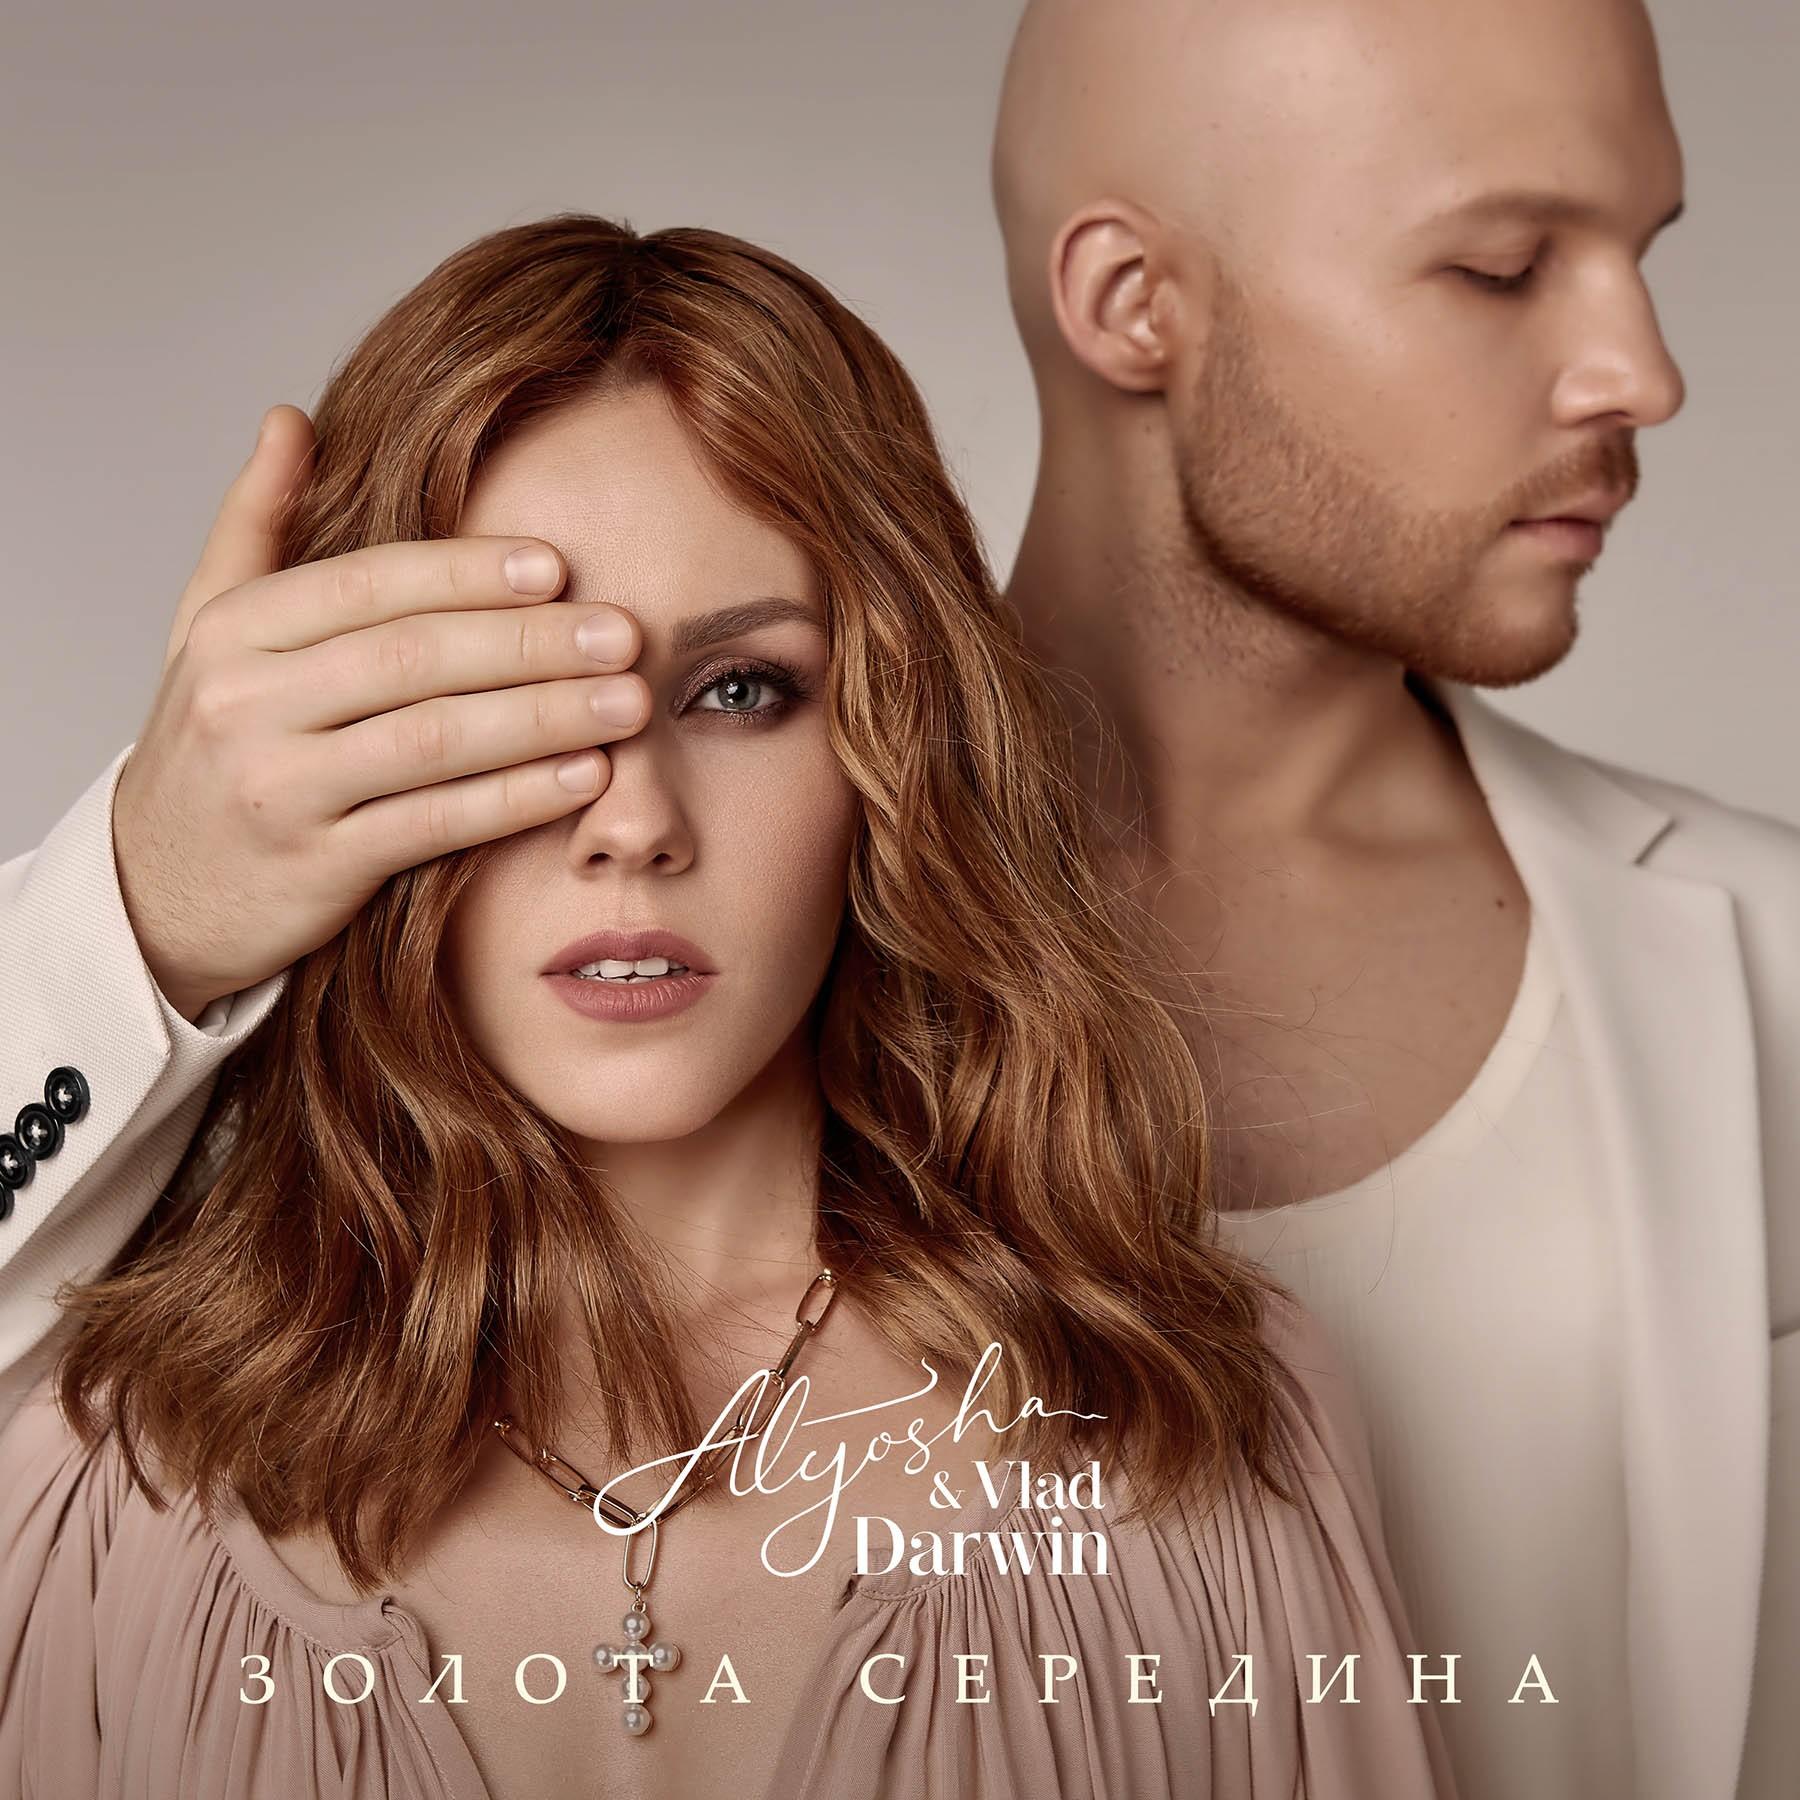 Alyosha & Vlad Darwin альбом Золота середина: слушать песни и смотреть видео (ФОТО + ВИДЕО)